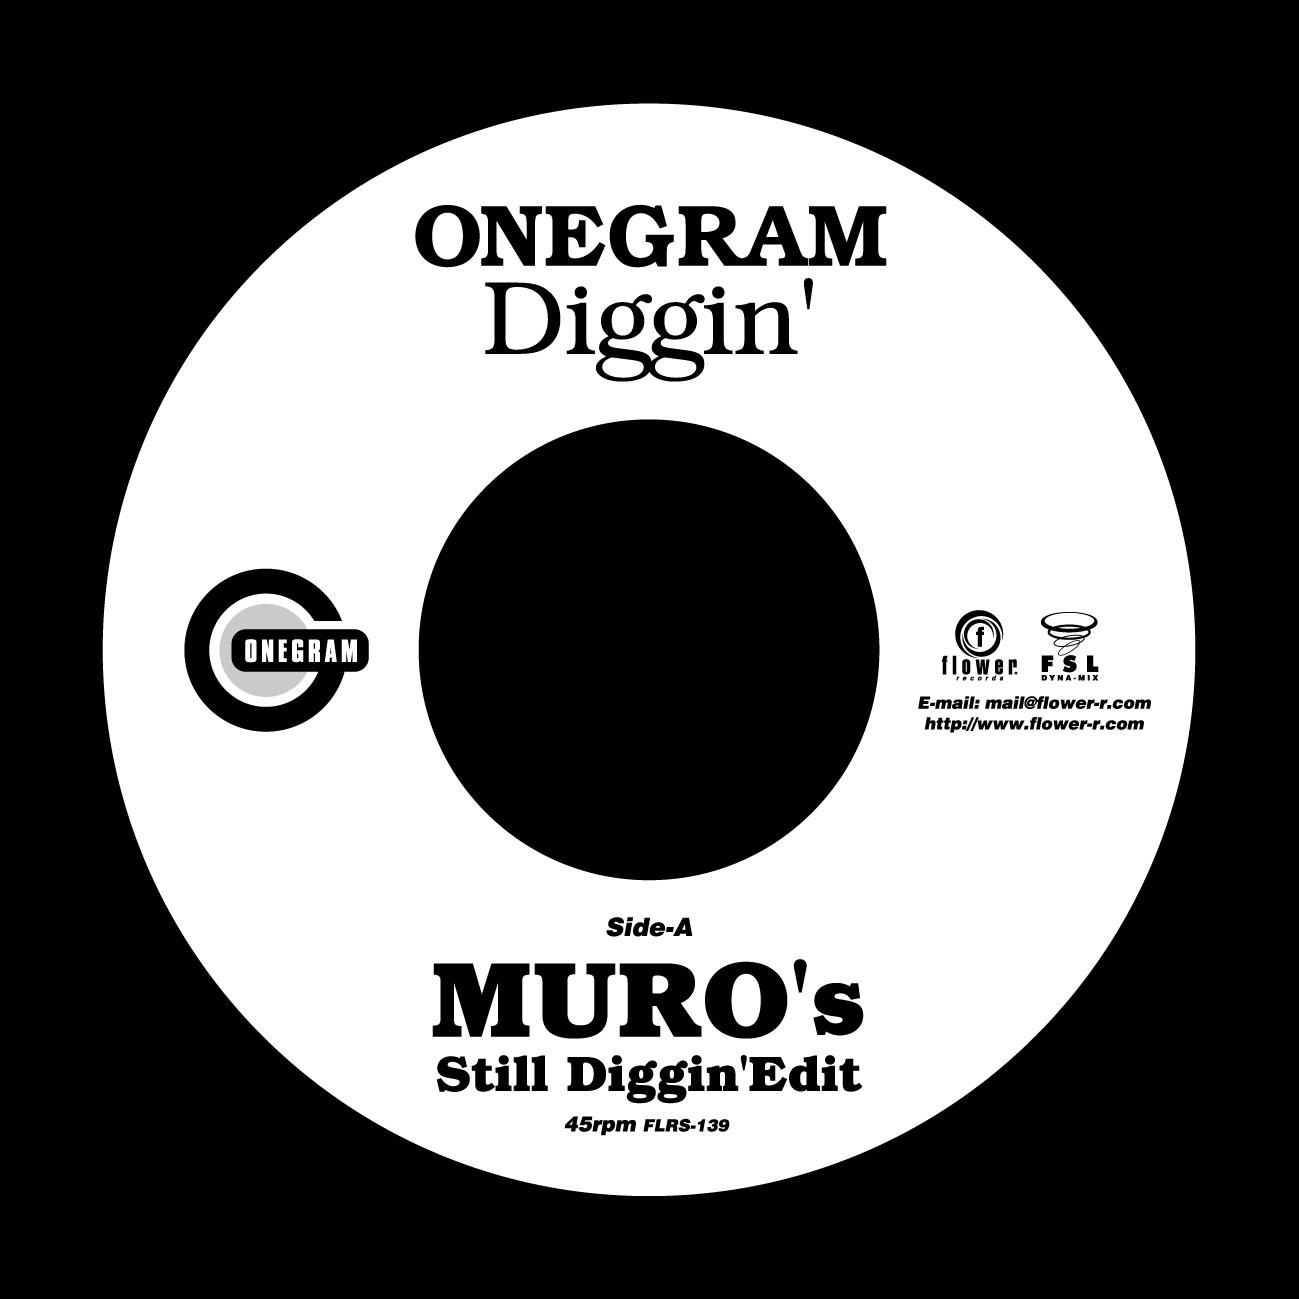 06-021 ONEGRAM – Diggin' (MURO's Still Diggin' Edit)